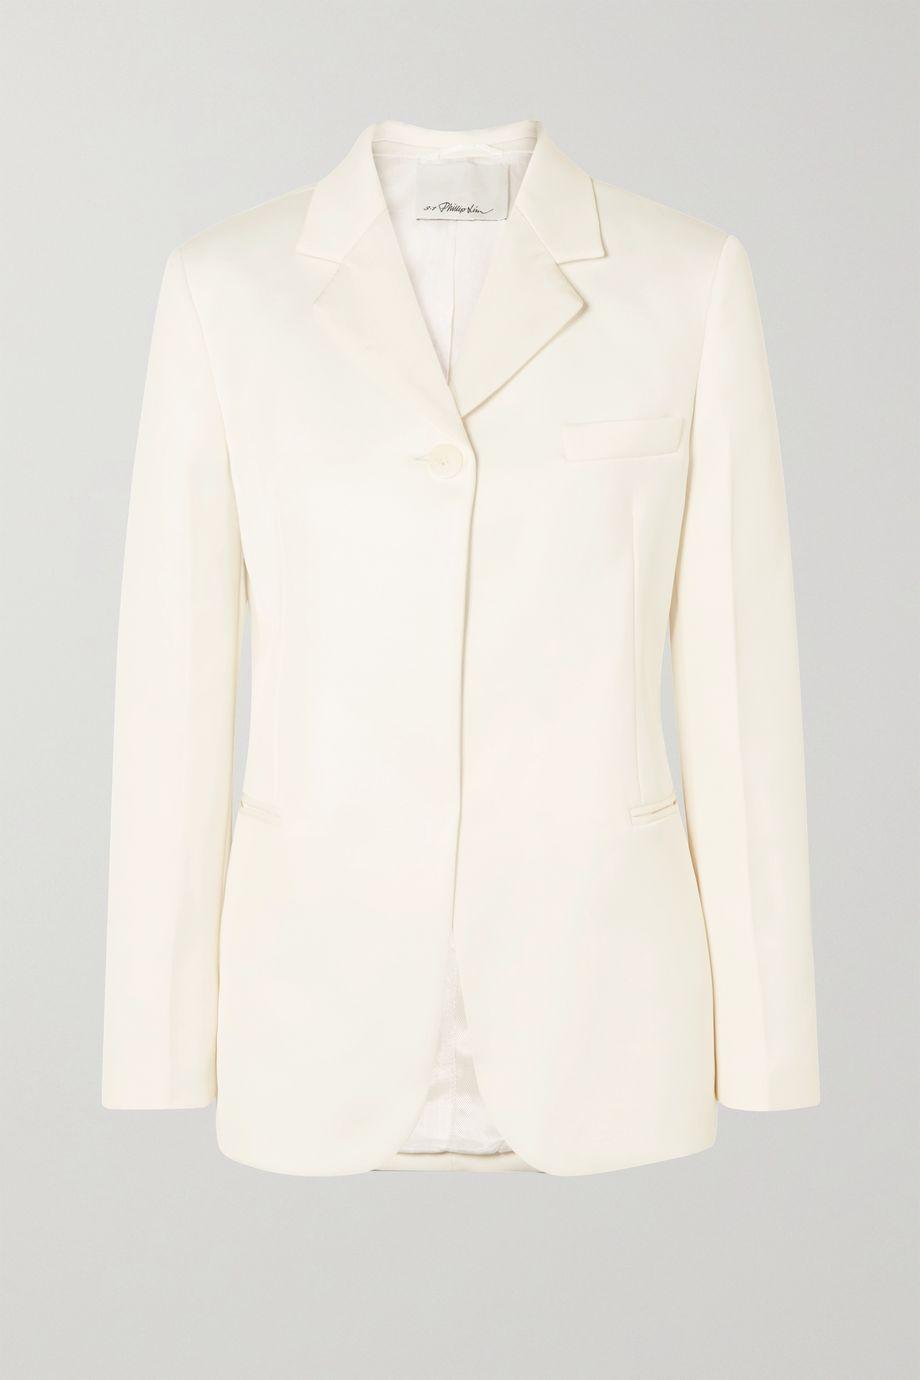 3.1 Phillip Lim Grosgrain-trimmed satin blazer